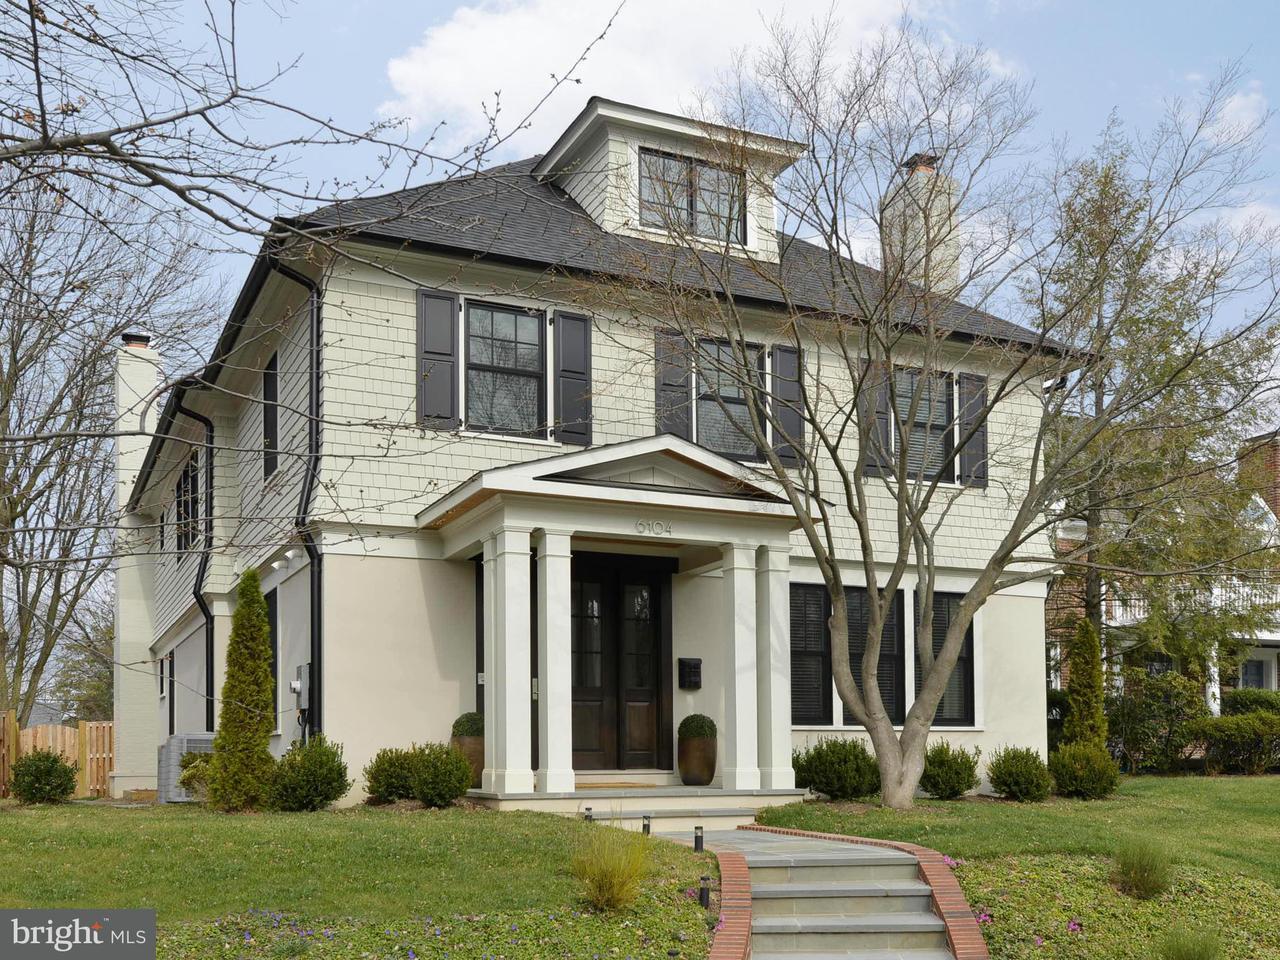 Частный односемейный дом для того Продажа на 6517 BARNABY ST NW 6517 BARNABY ST NW Washington, Округ Колумбия 20015 Соединенные Штаты